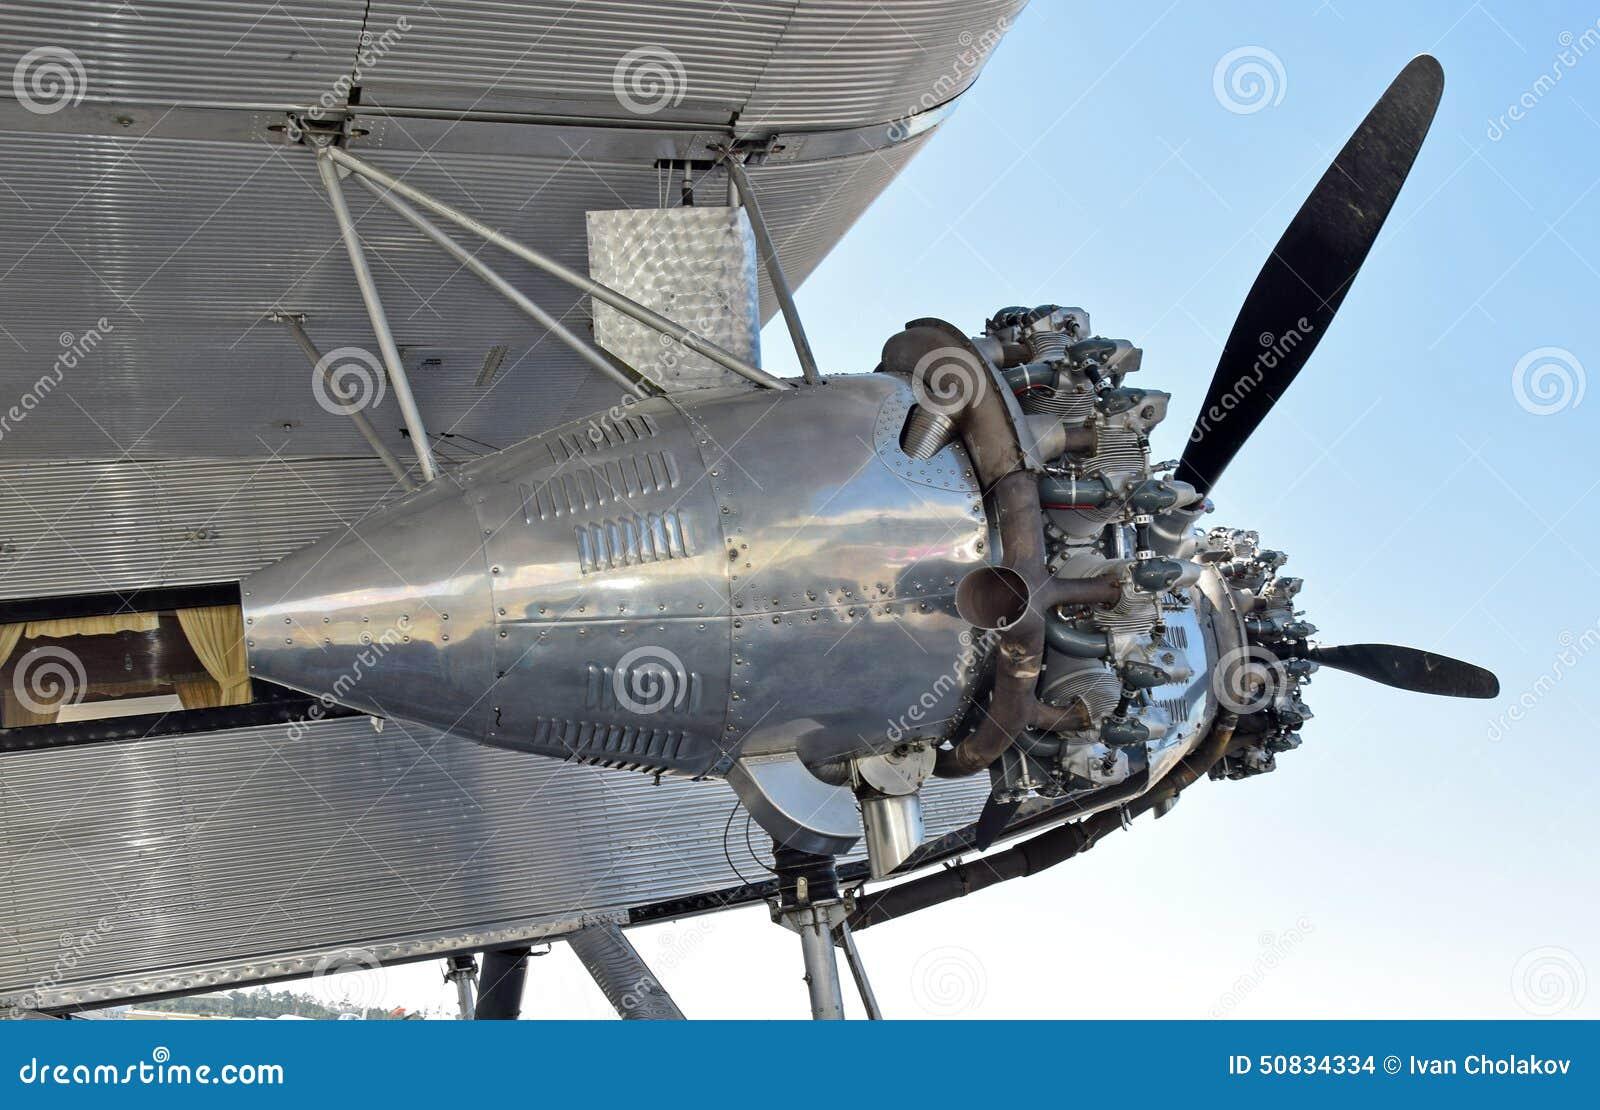 Velha Do Motor Do Avião Da Hélice Foto de Stock Imagem: 50834334 #1C6BAF 1300x919 Banheiro De Avião Como Funciona